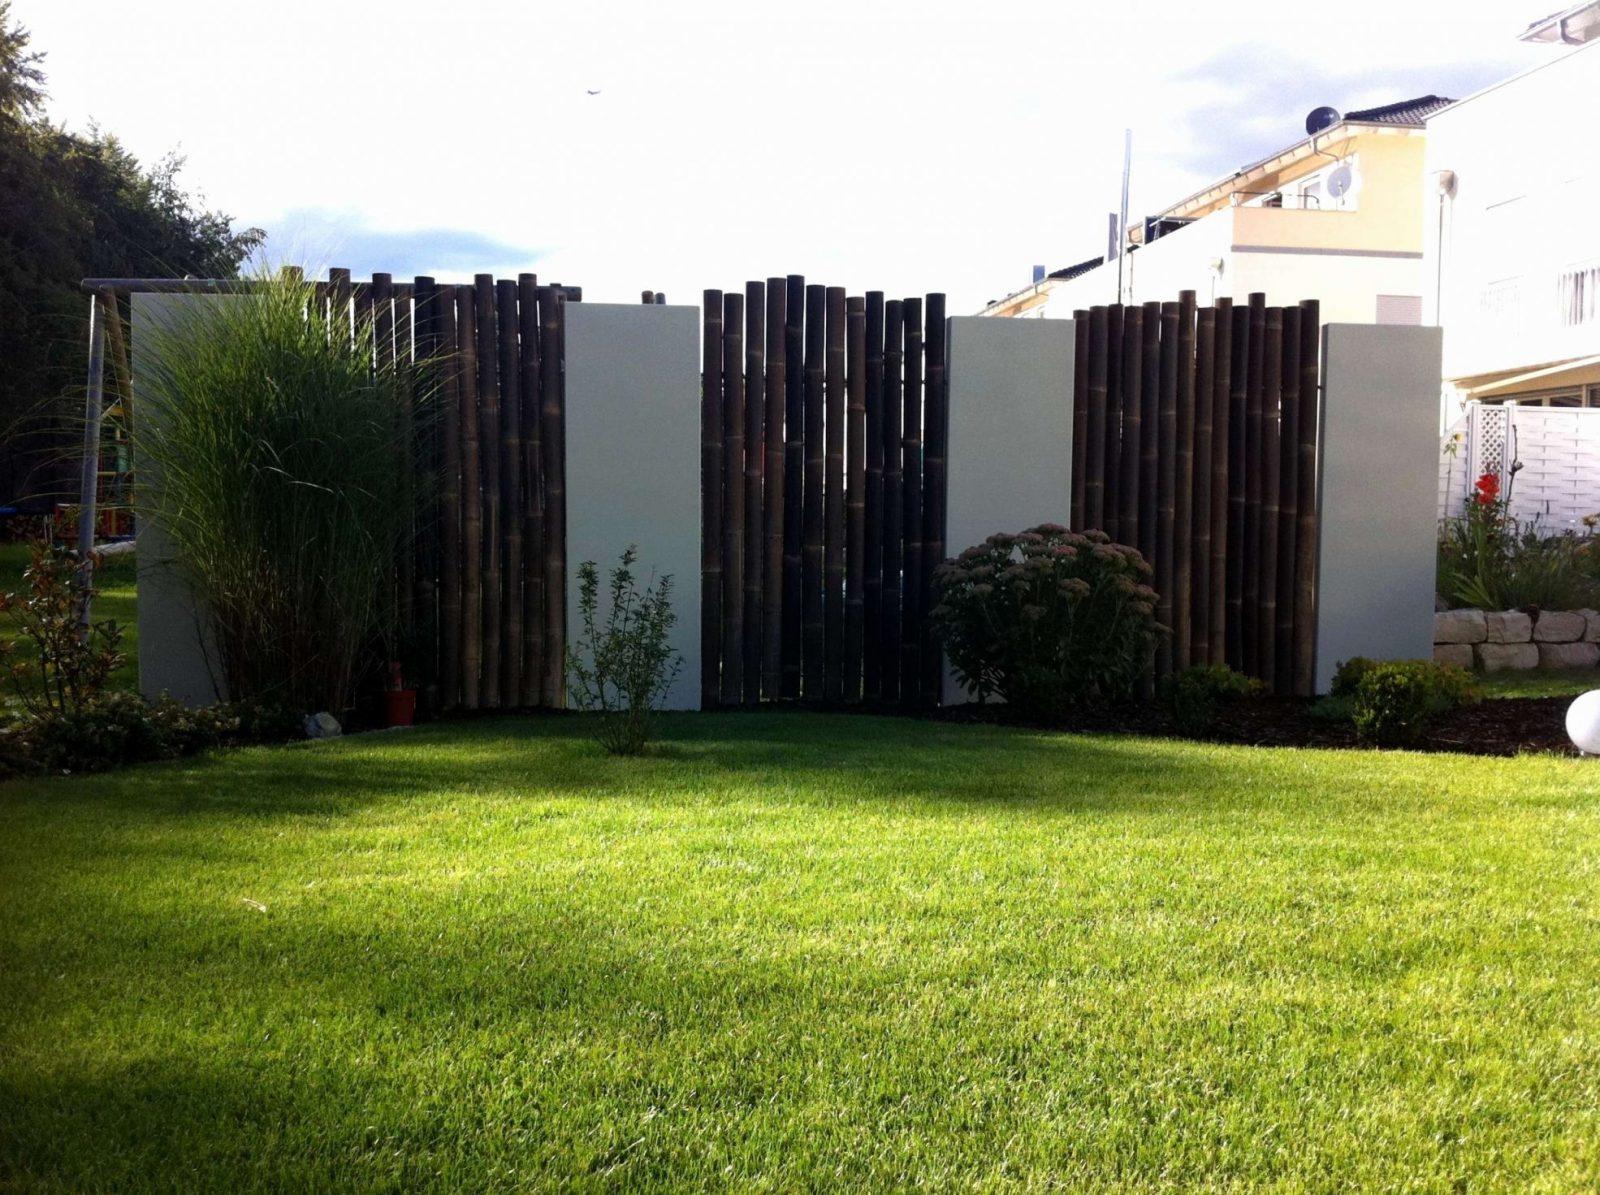 Gartengestaltung Modern Sichtschutz Sammlungen Schmaler Vorgarten von Moderner Sichtschutz Für Den Garten Bild